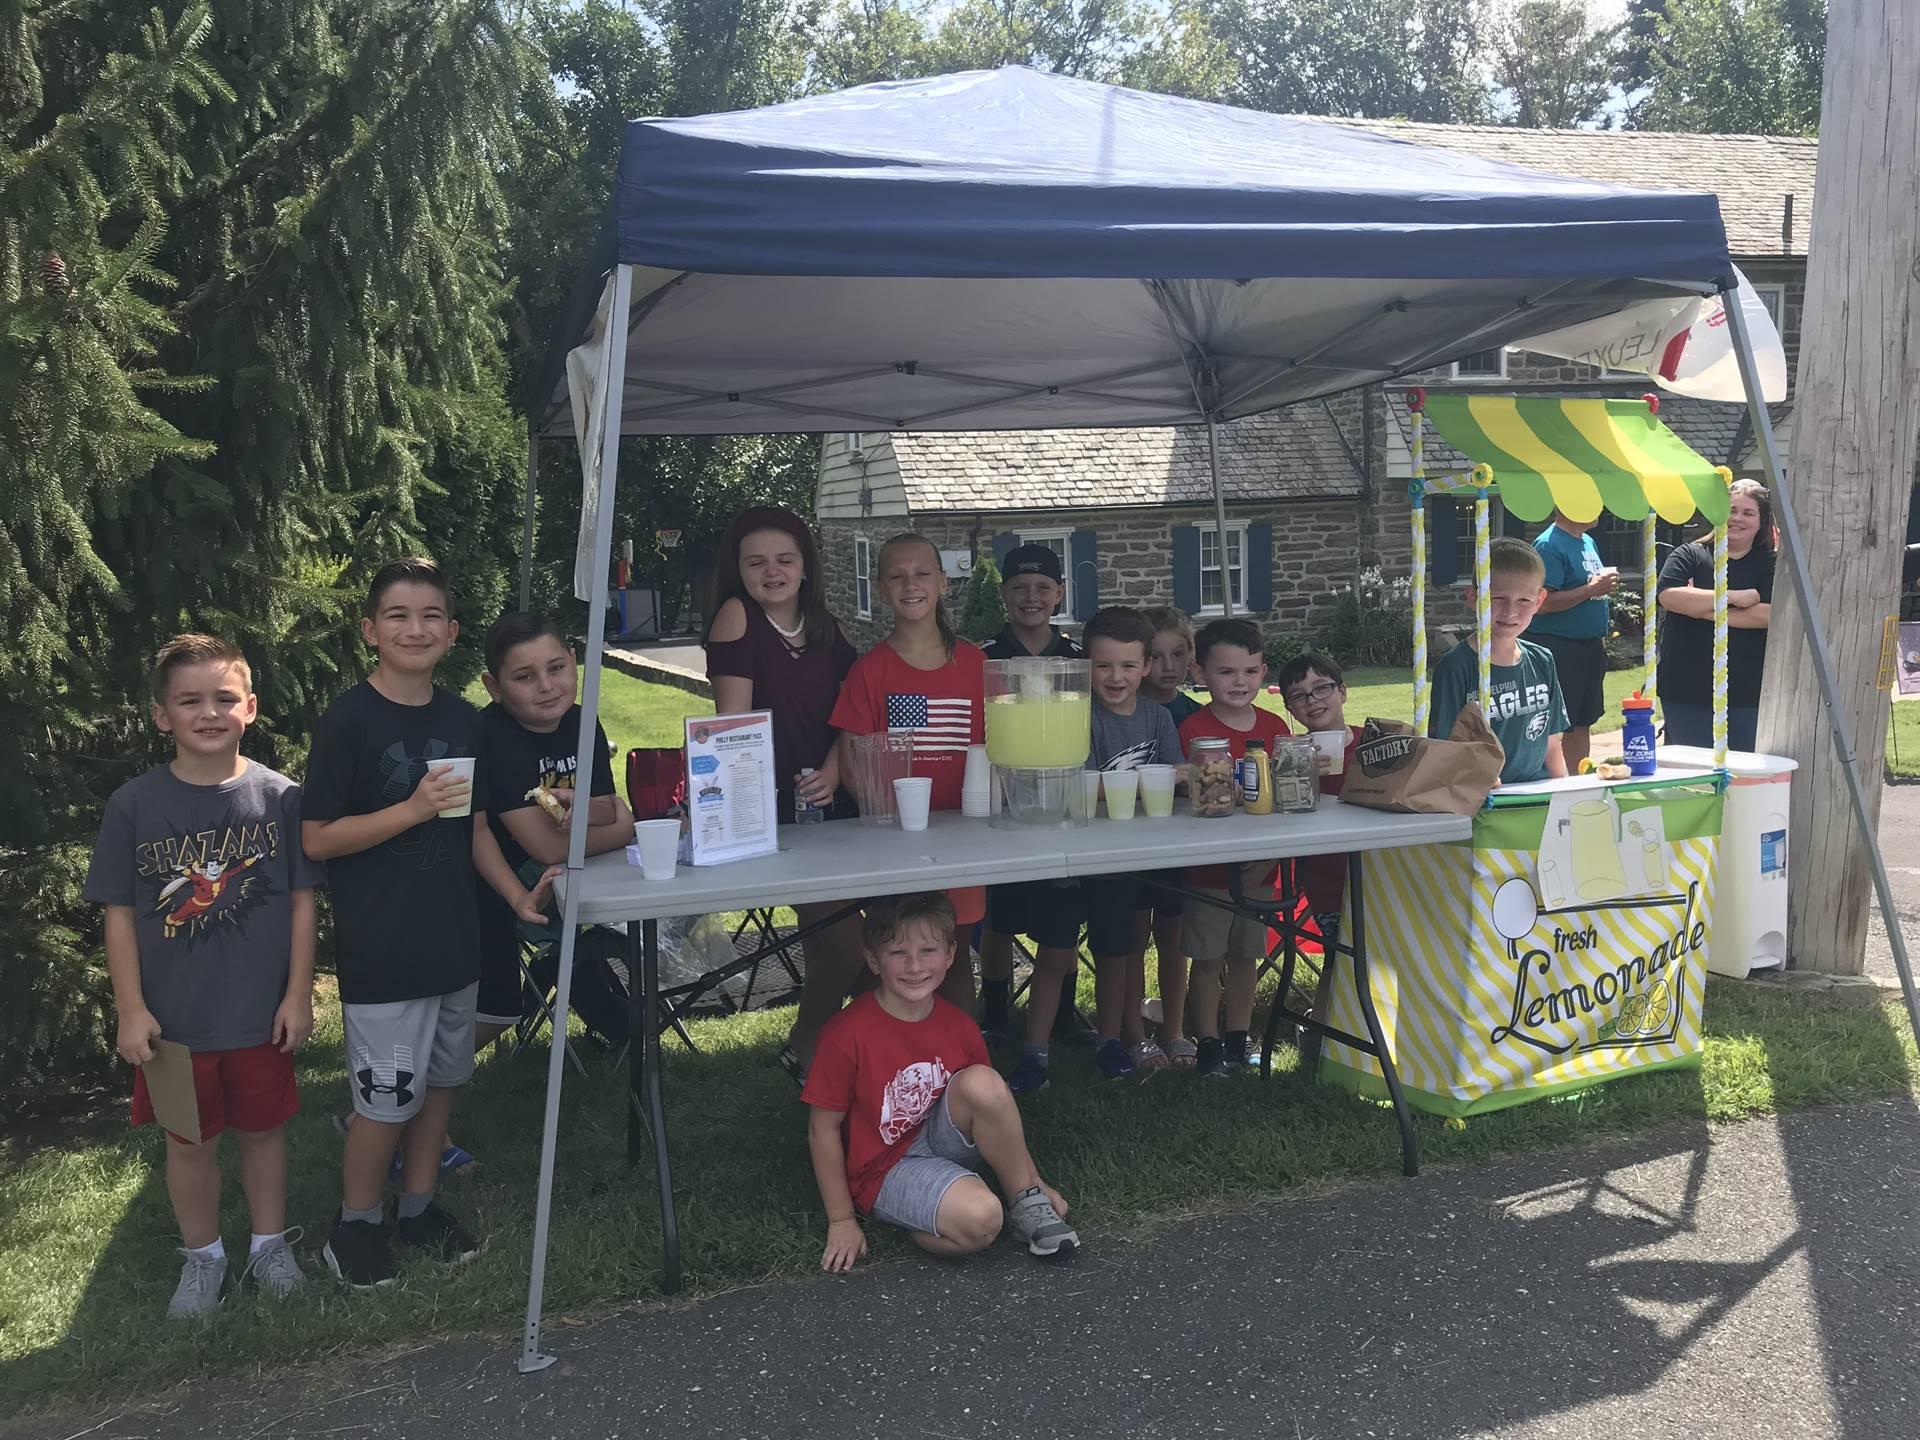 Leukemia and Lymphoma Society Lemonade Stand Fundraiser